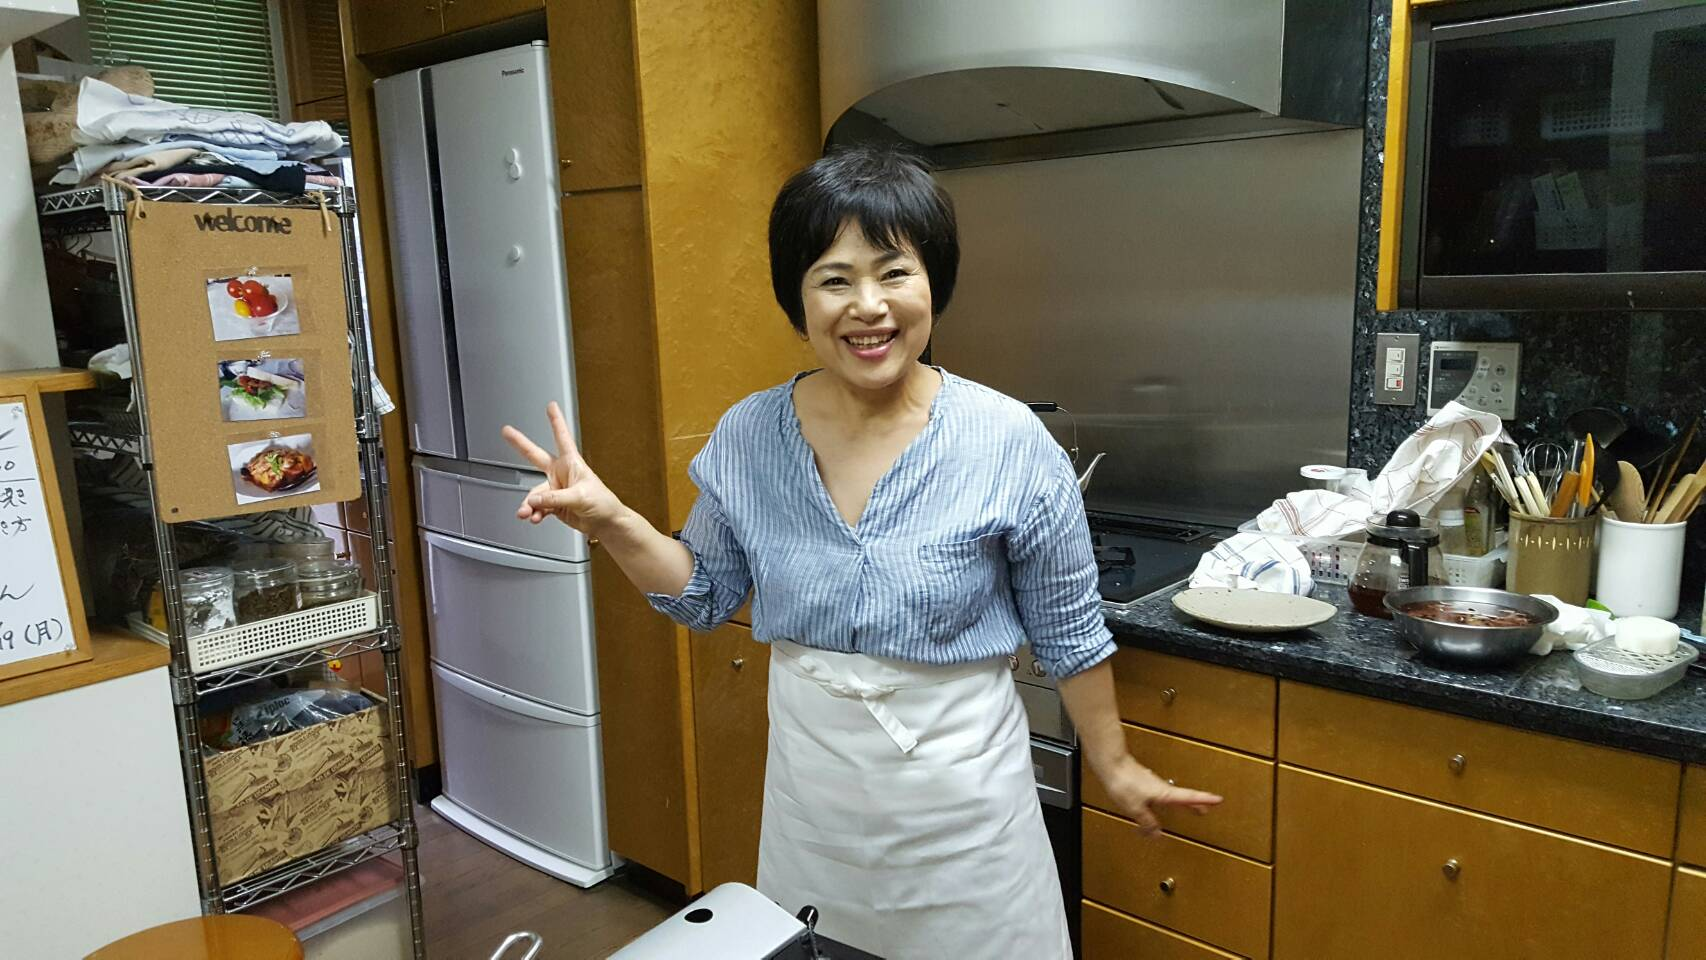 初心者の方向けのお料理教材が出来ました!ダウンロード方法も解説しています。